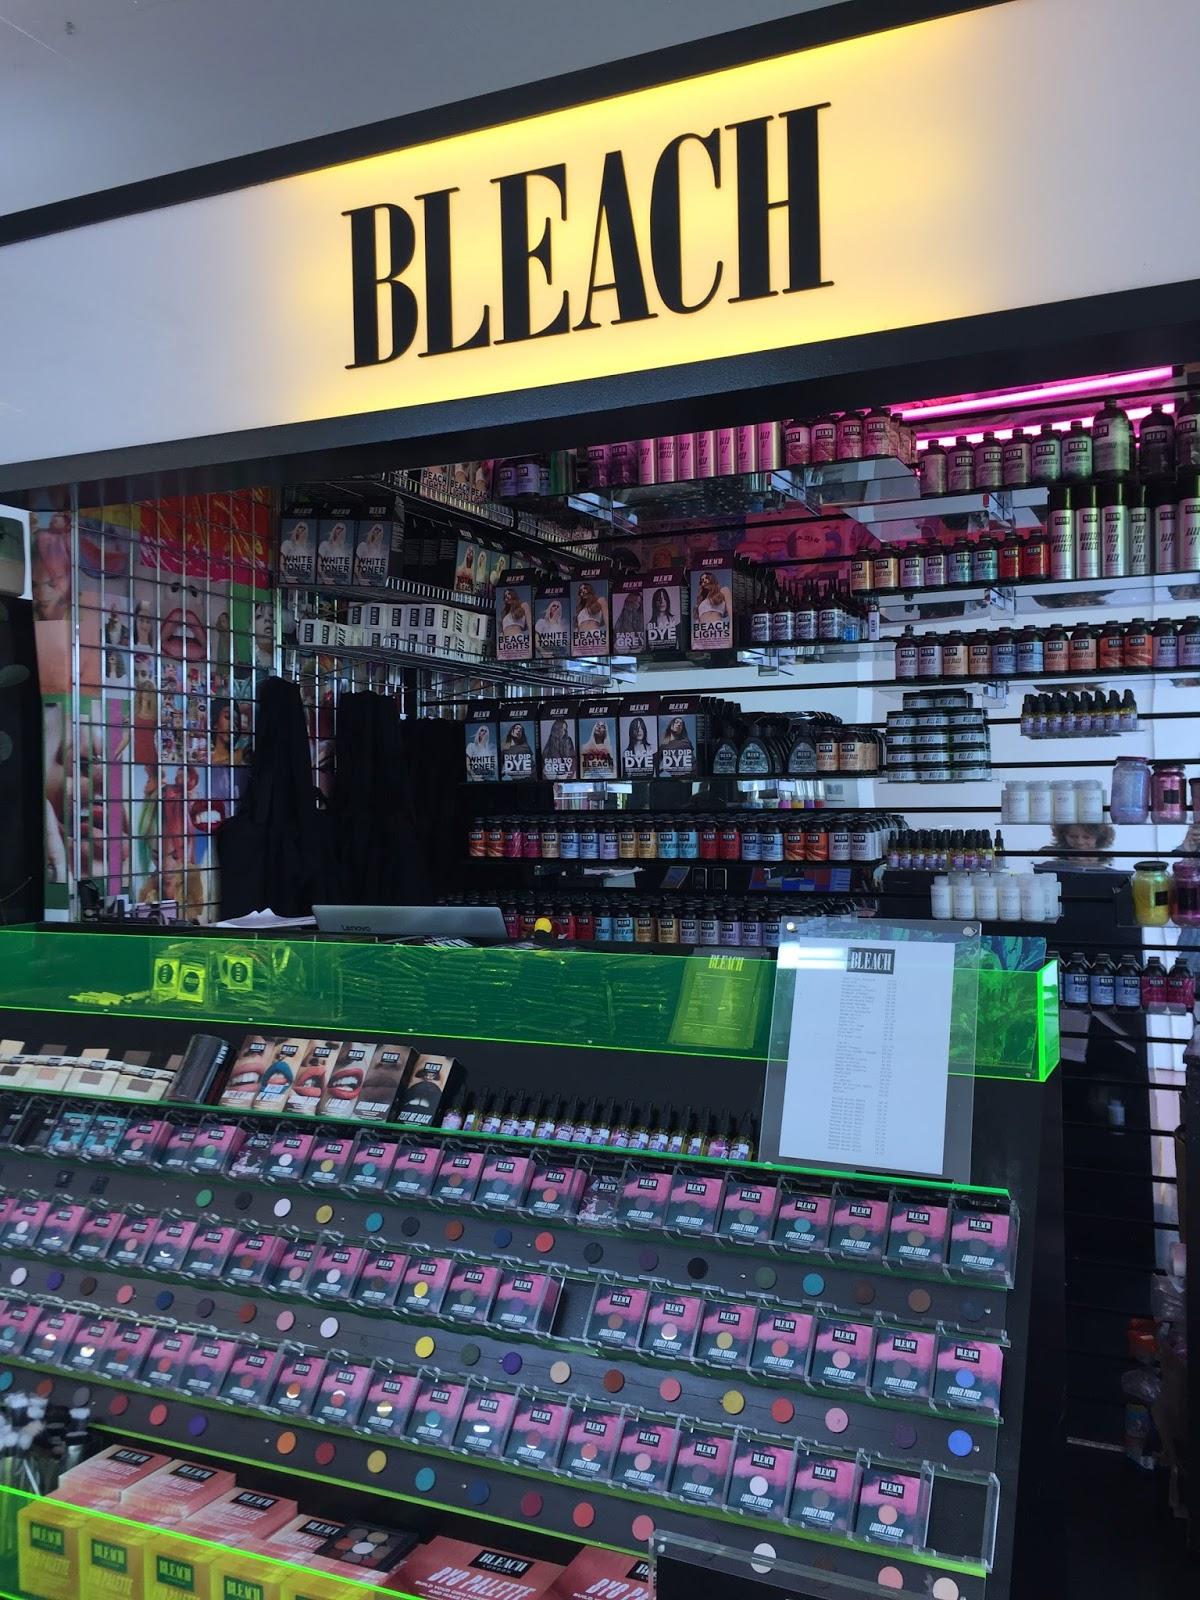 Bleach Berwick street